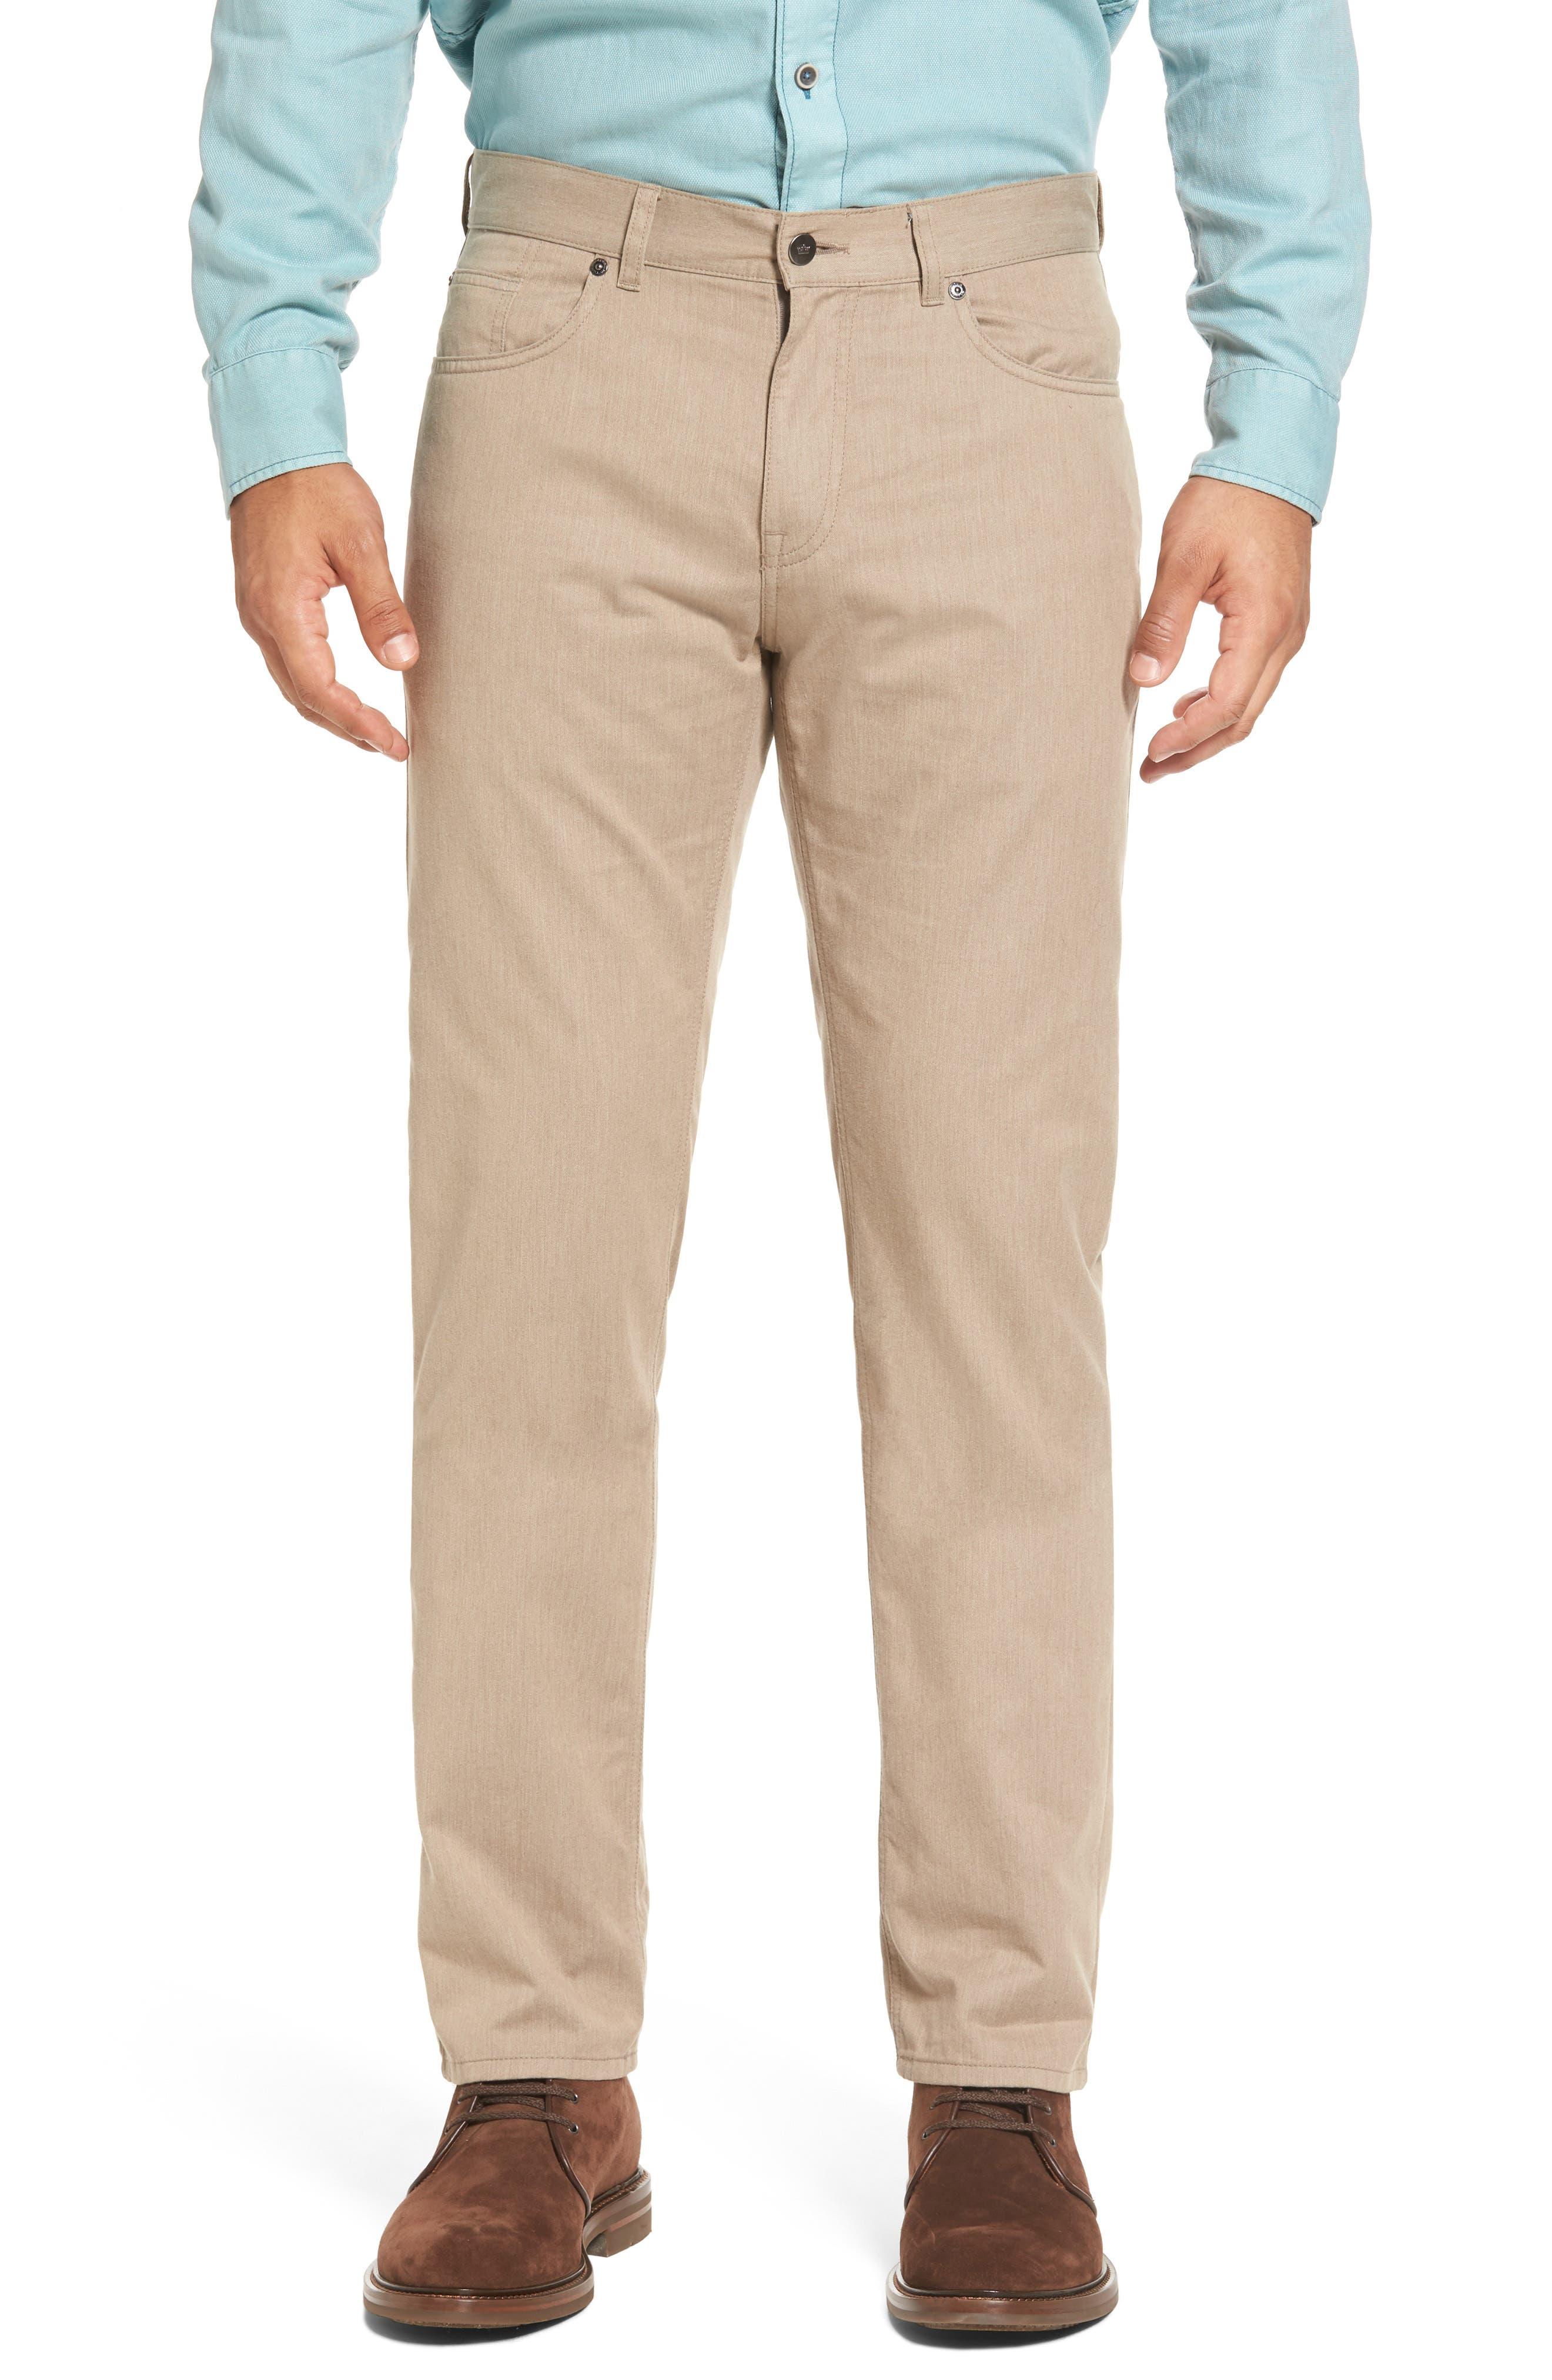 Peter Millar Mélange Five-Pocket Pants (Regular & Big)